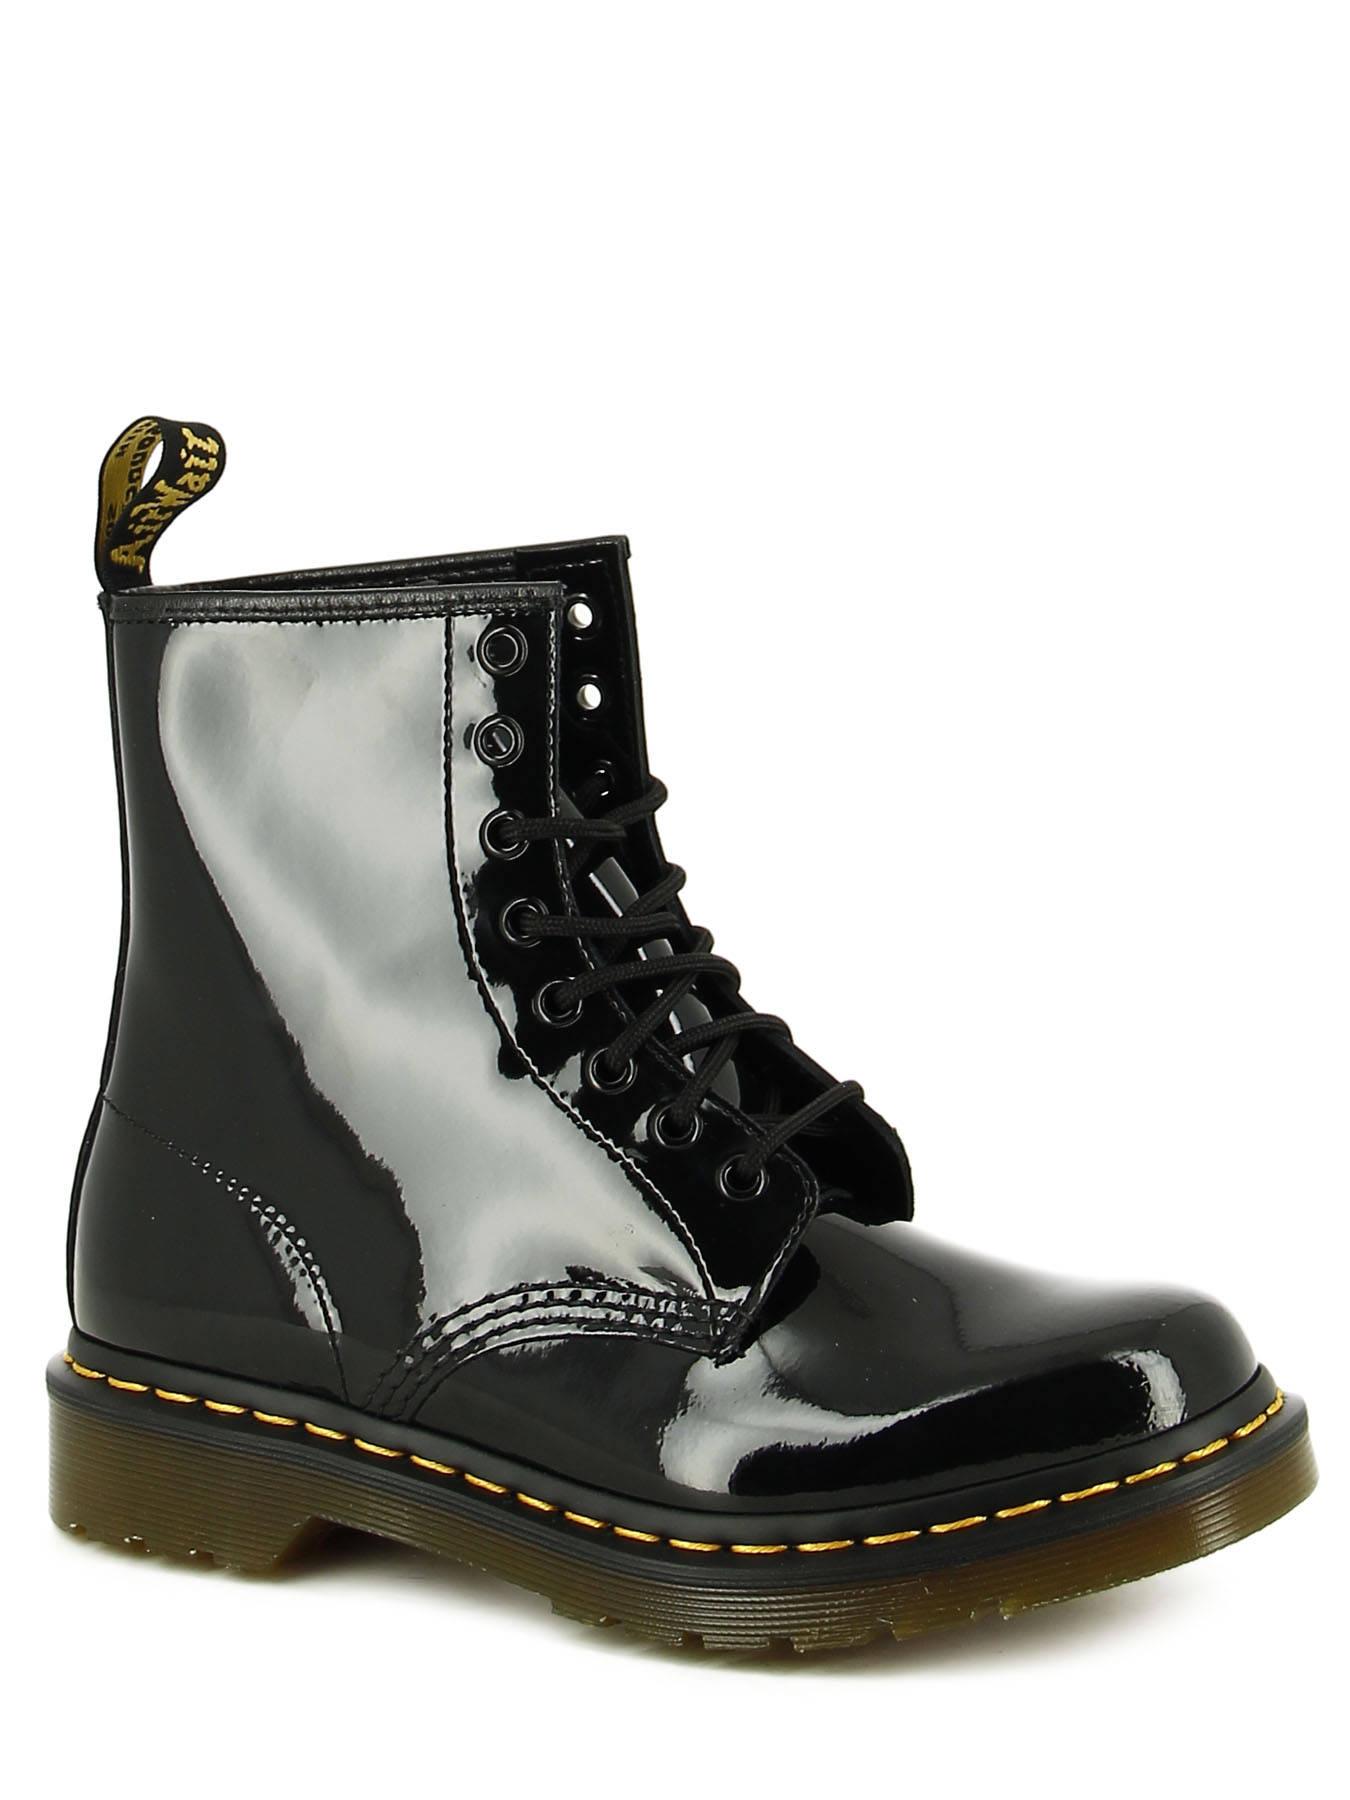 enkellaarsjes by Boots W 1460 Martens en Dr qtw0PB